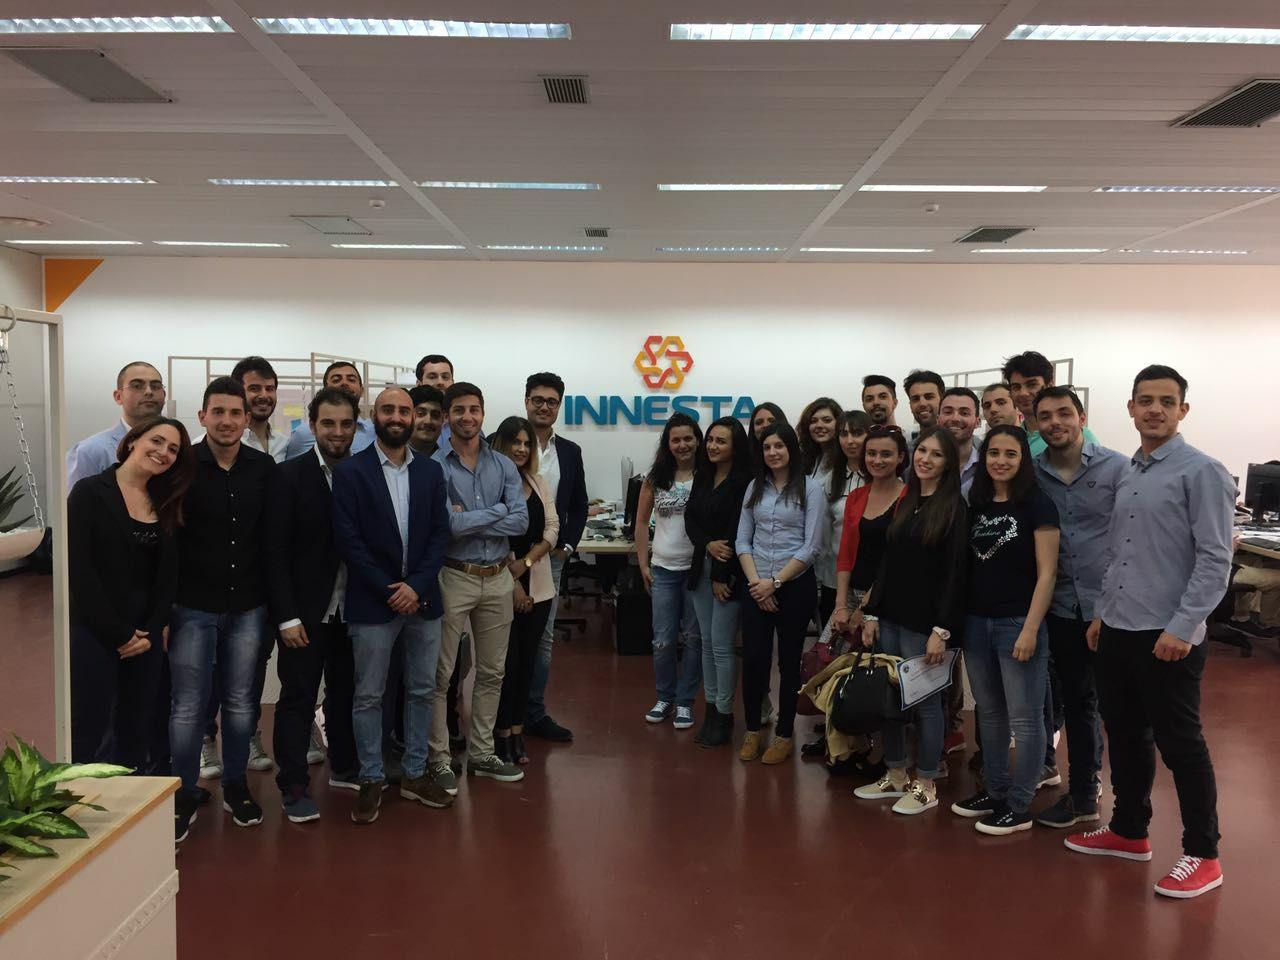 Foto dei team del corso Innovation and Entrepreneurship